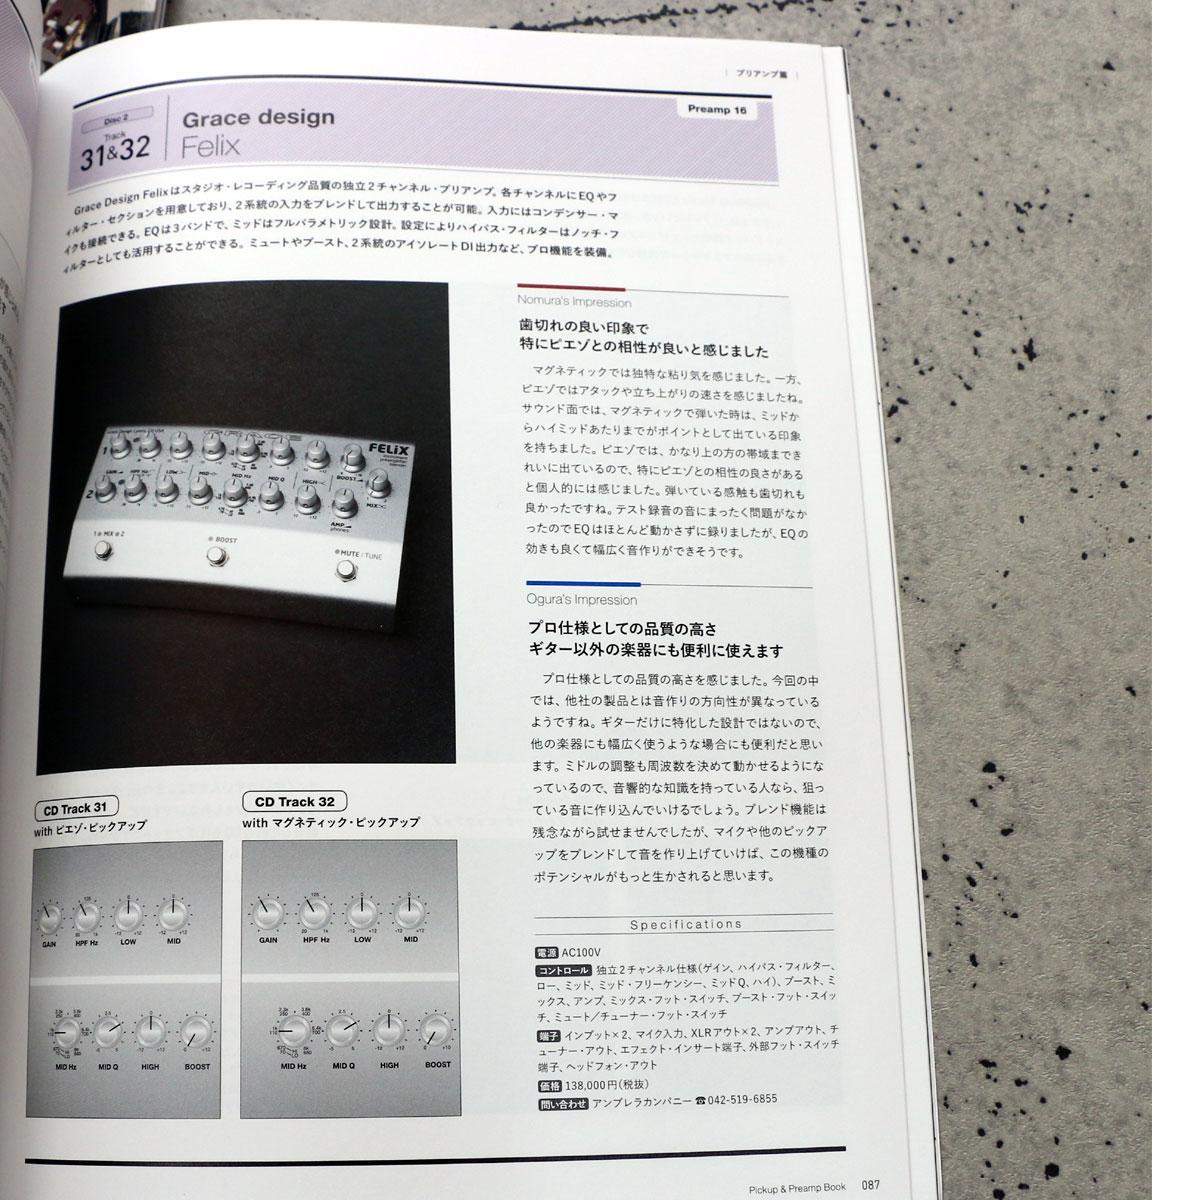 grace-felix-magazine-review-agm-01